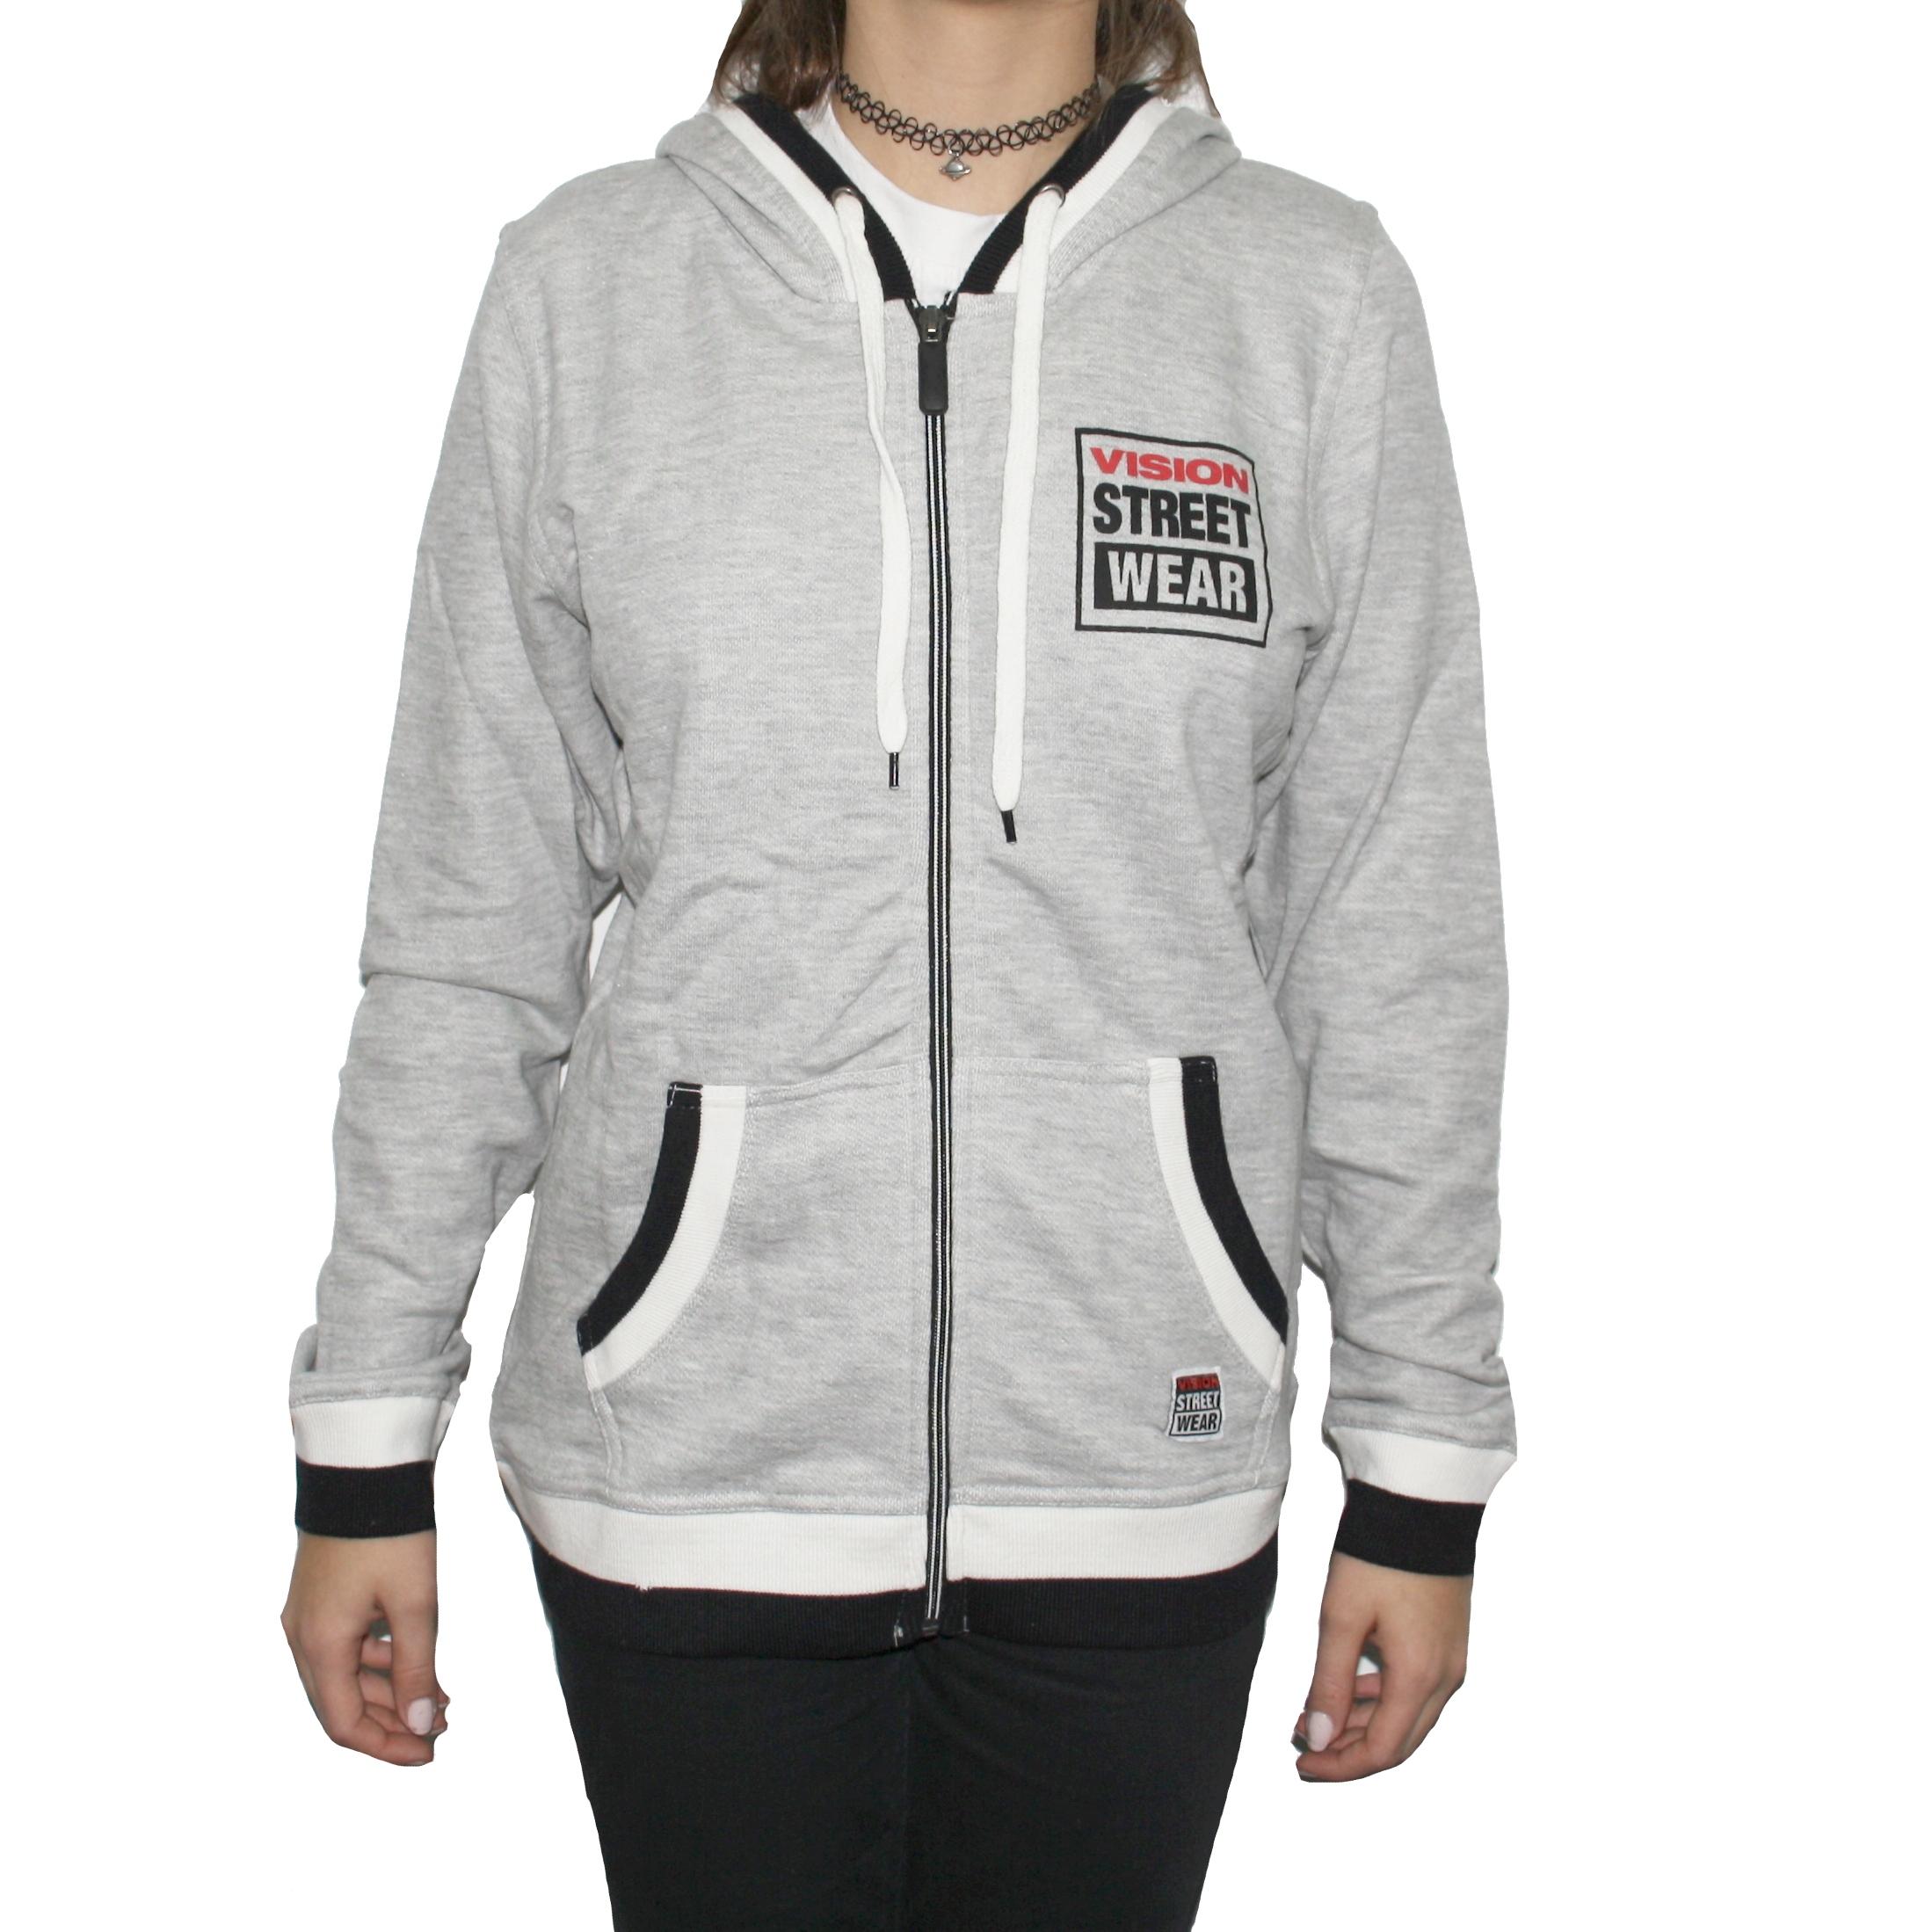 Hanorac femei Zip Thru Hoody Grey Vision Street Wear